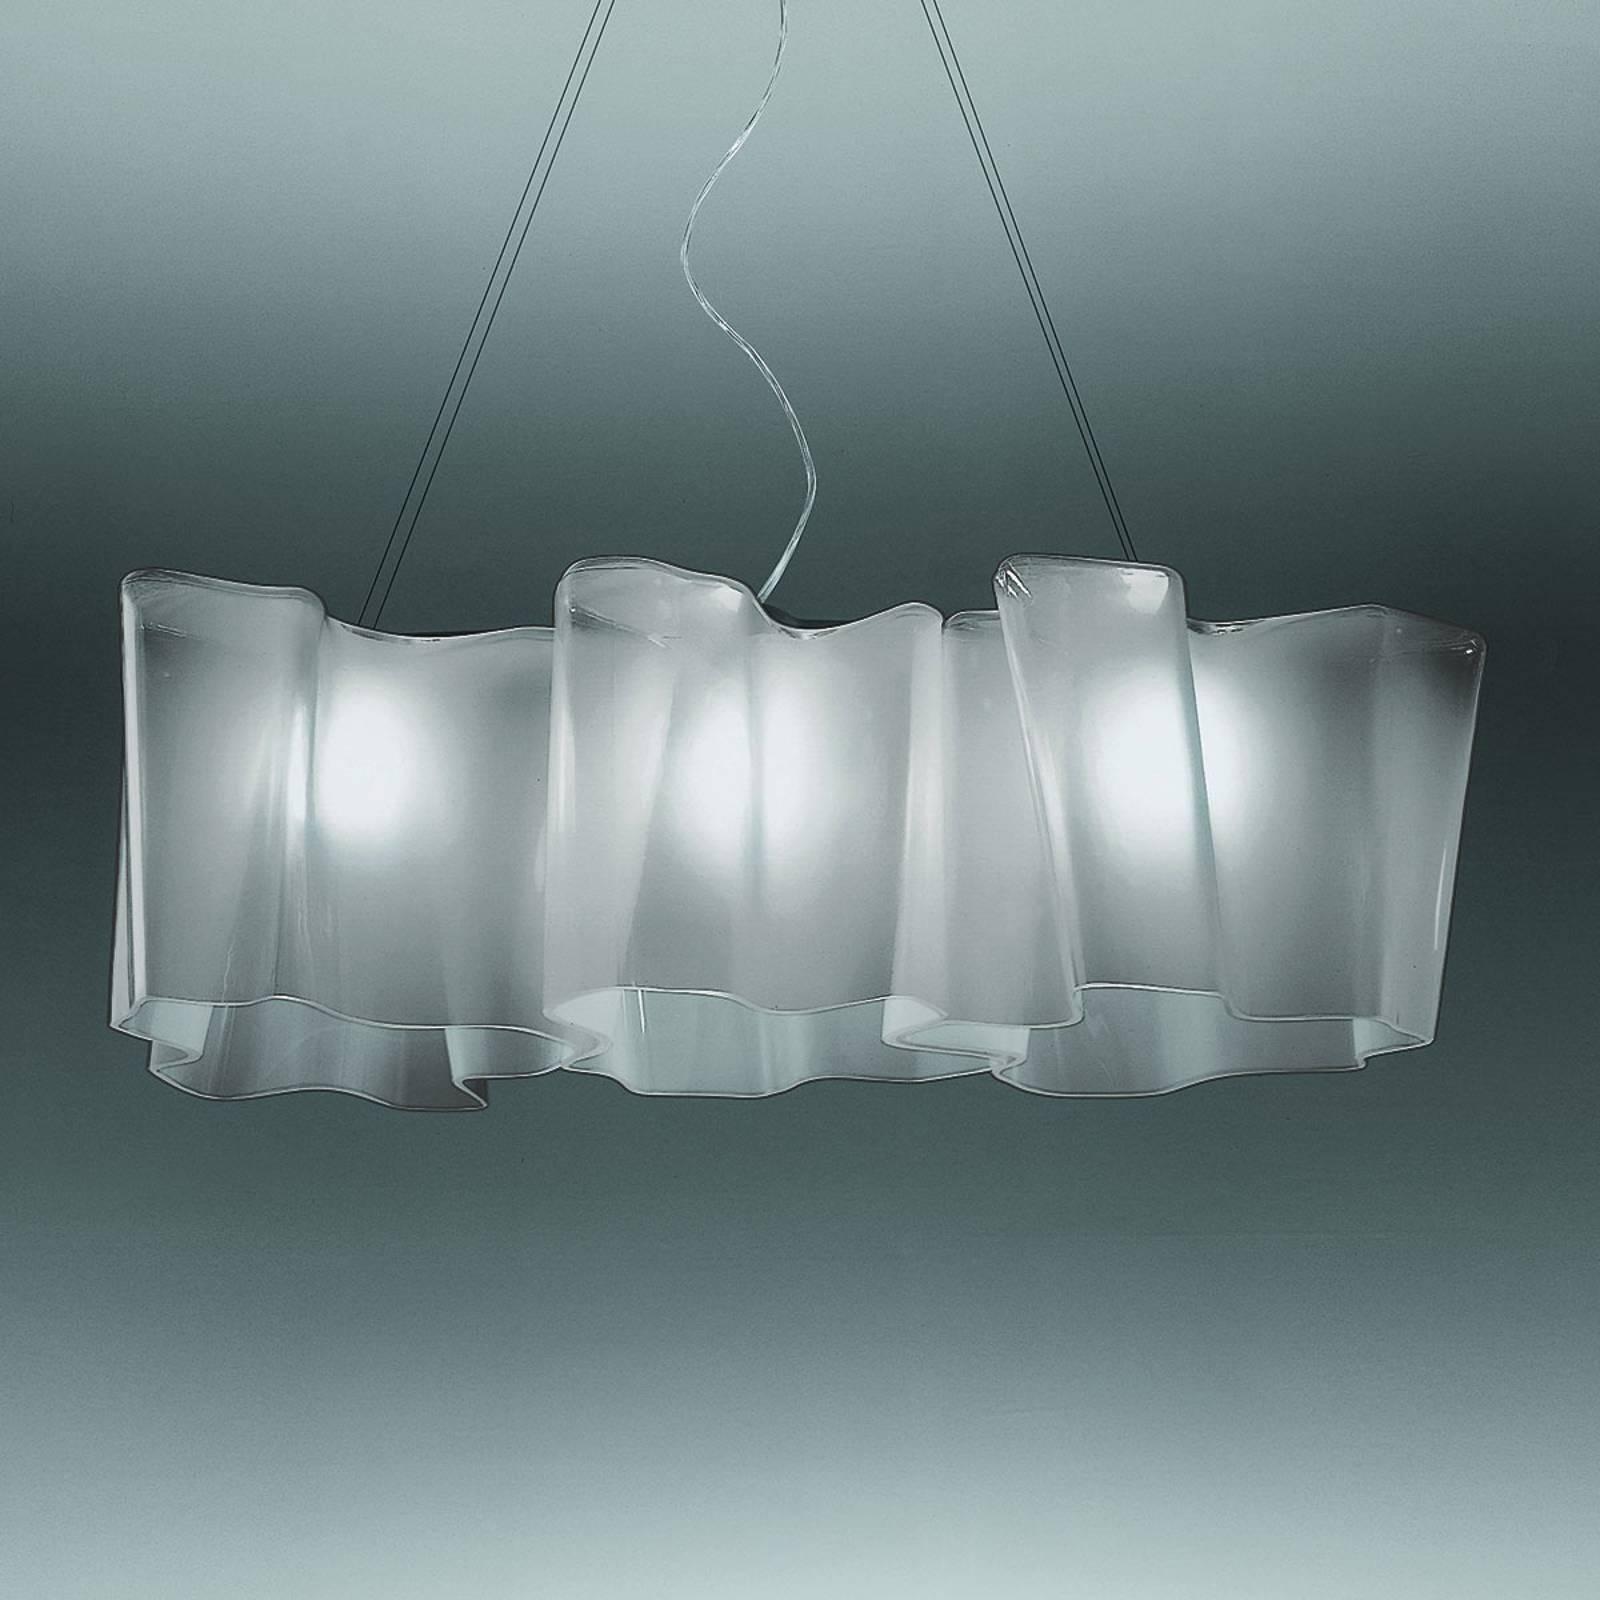 Artemide Logico Hängelampe 3fl Länge 100 cm grau